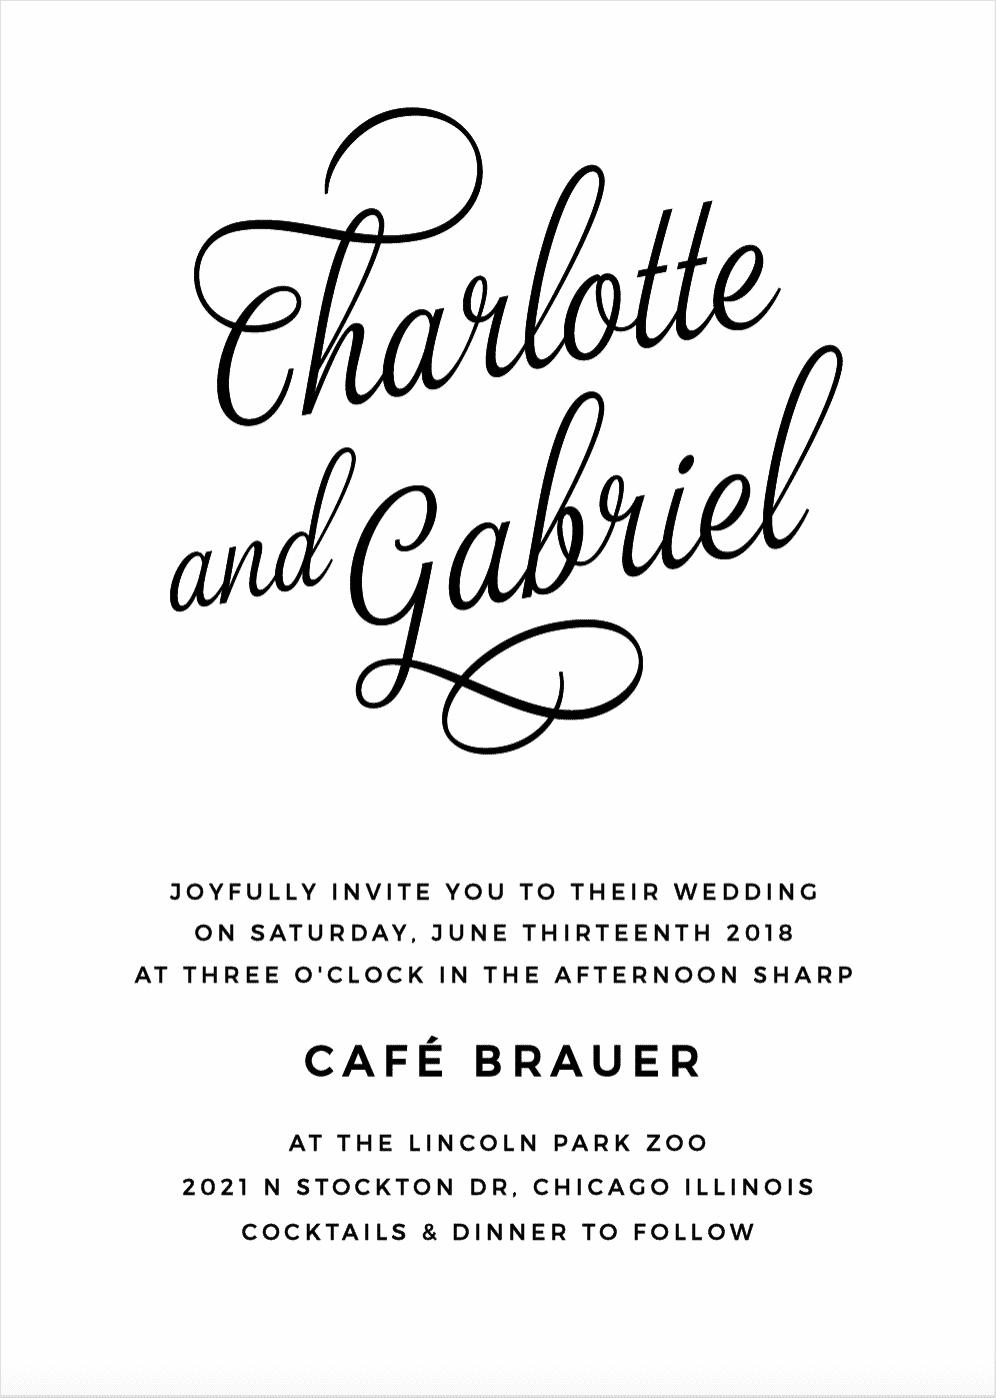 Script Emblem Wedding Invitations